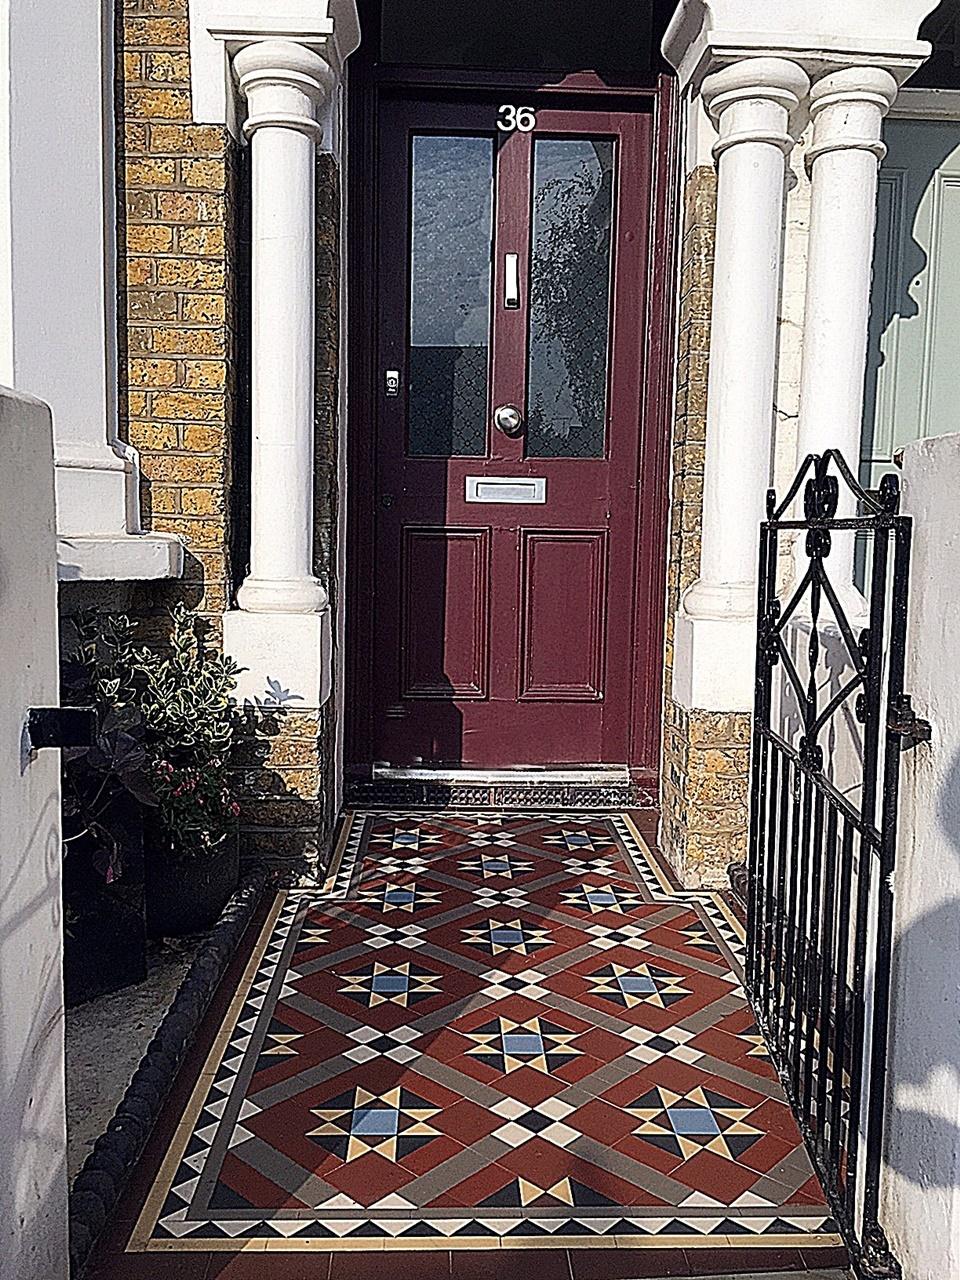 Edwardian Mosaic Front Garden London Balham Clapham Wandswarth Battersea